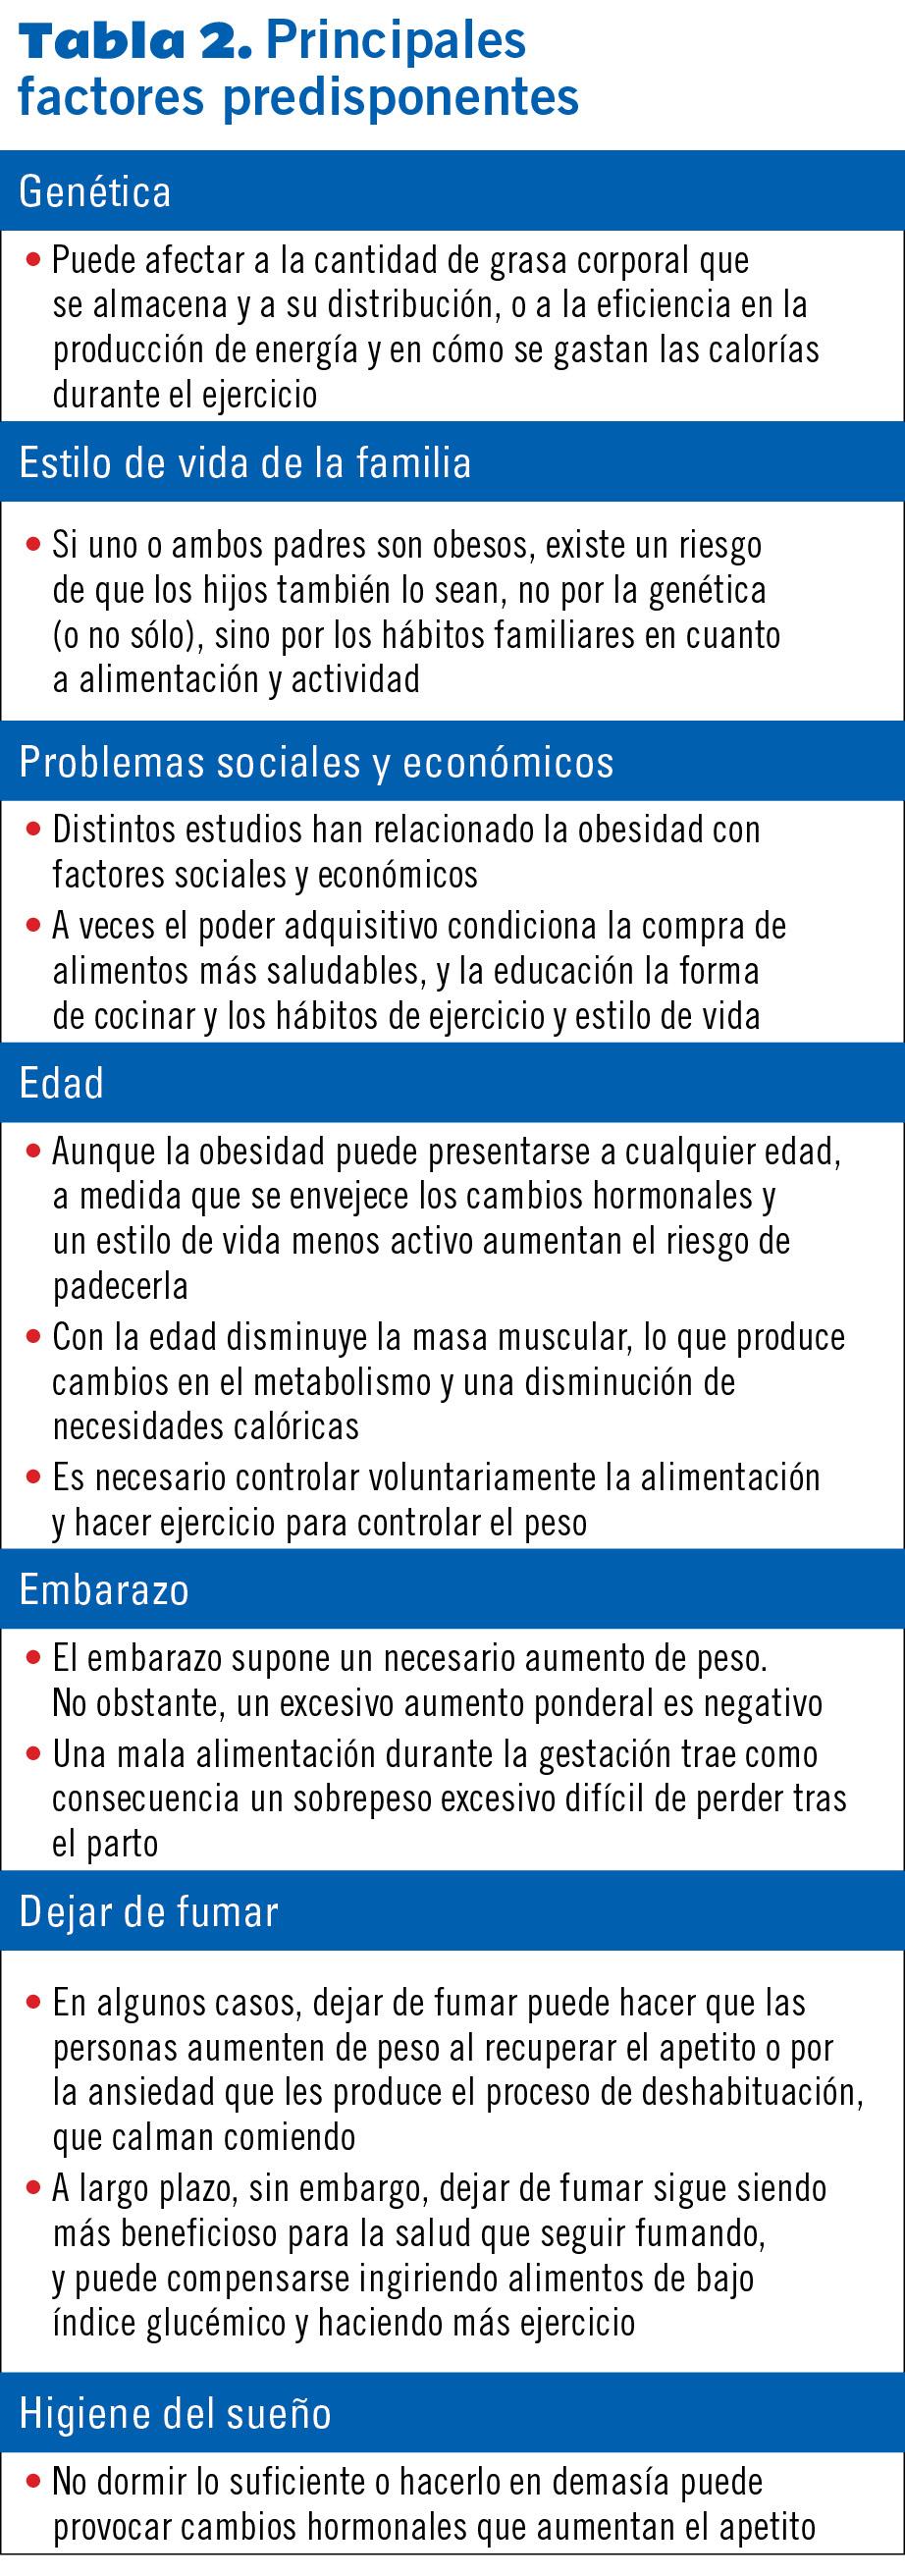 16 EF581 PROTOCOLOS SOBREPESO tabla 2